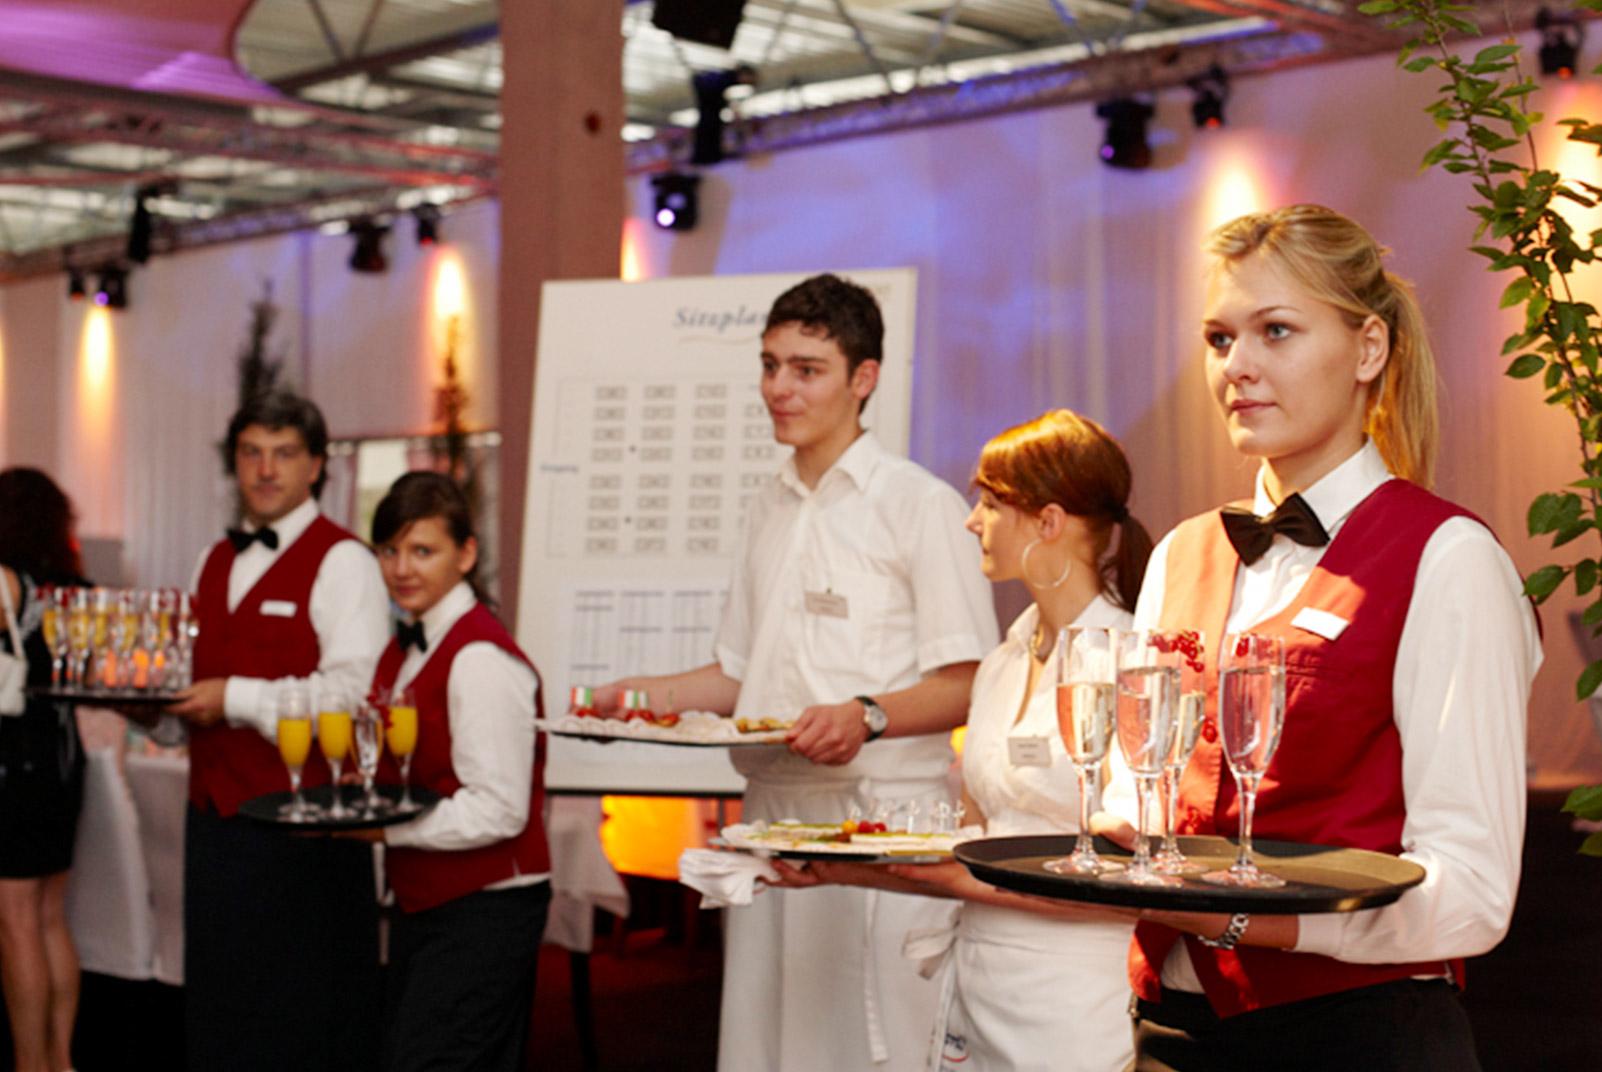 Kellner von food et event mit Tablets in der Hand